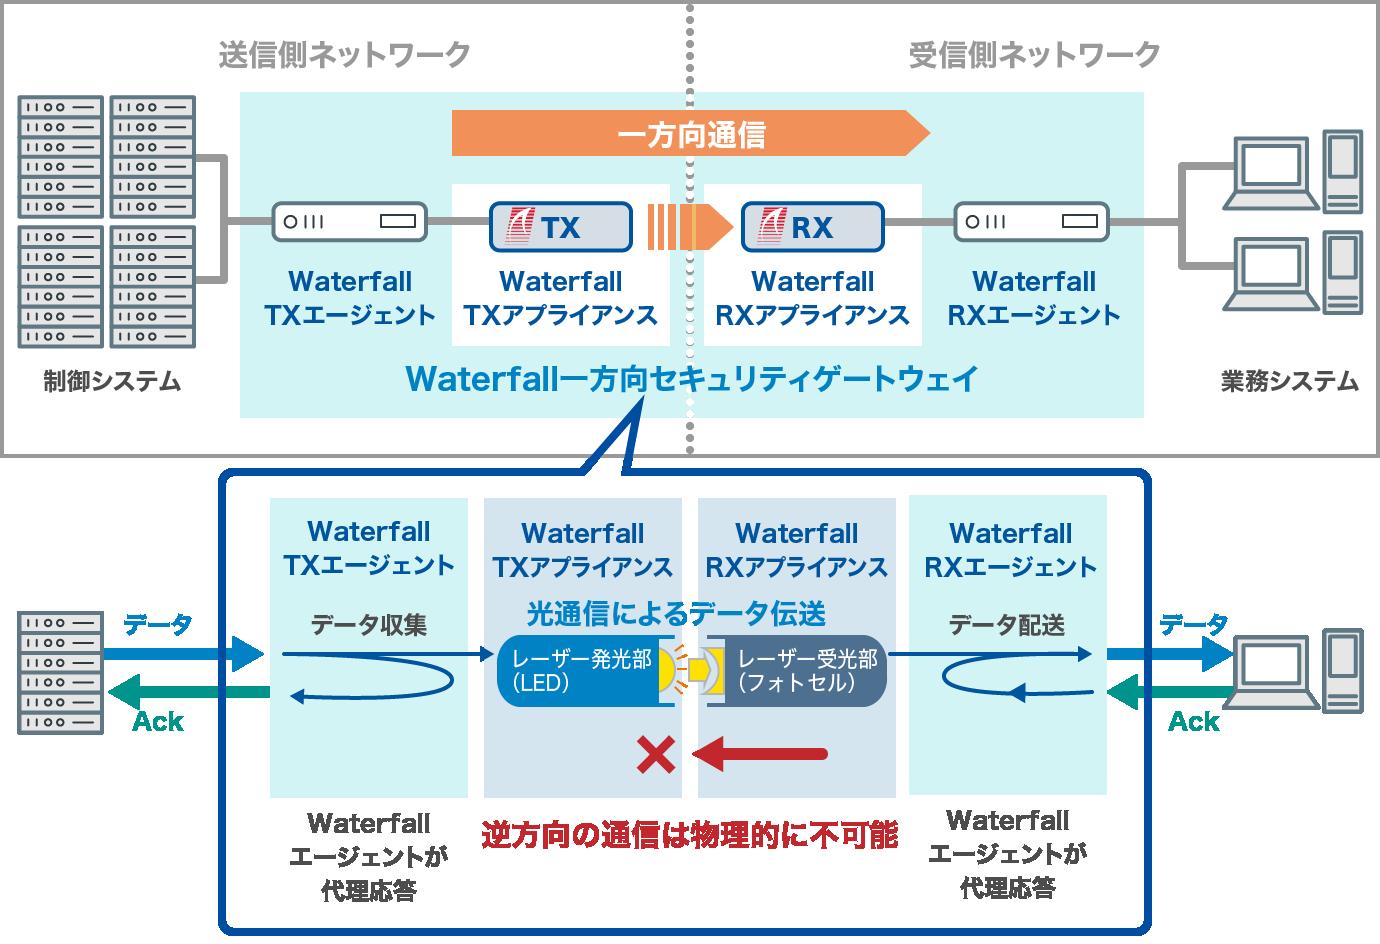 セキュリティ 電力 制御 ガイドライン システム